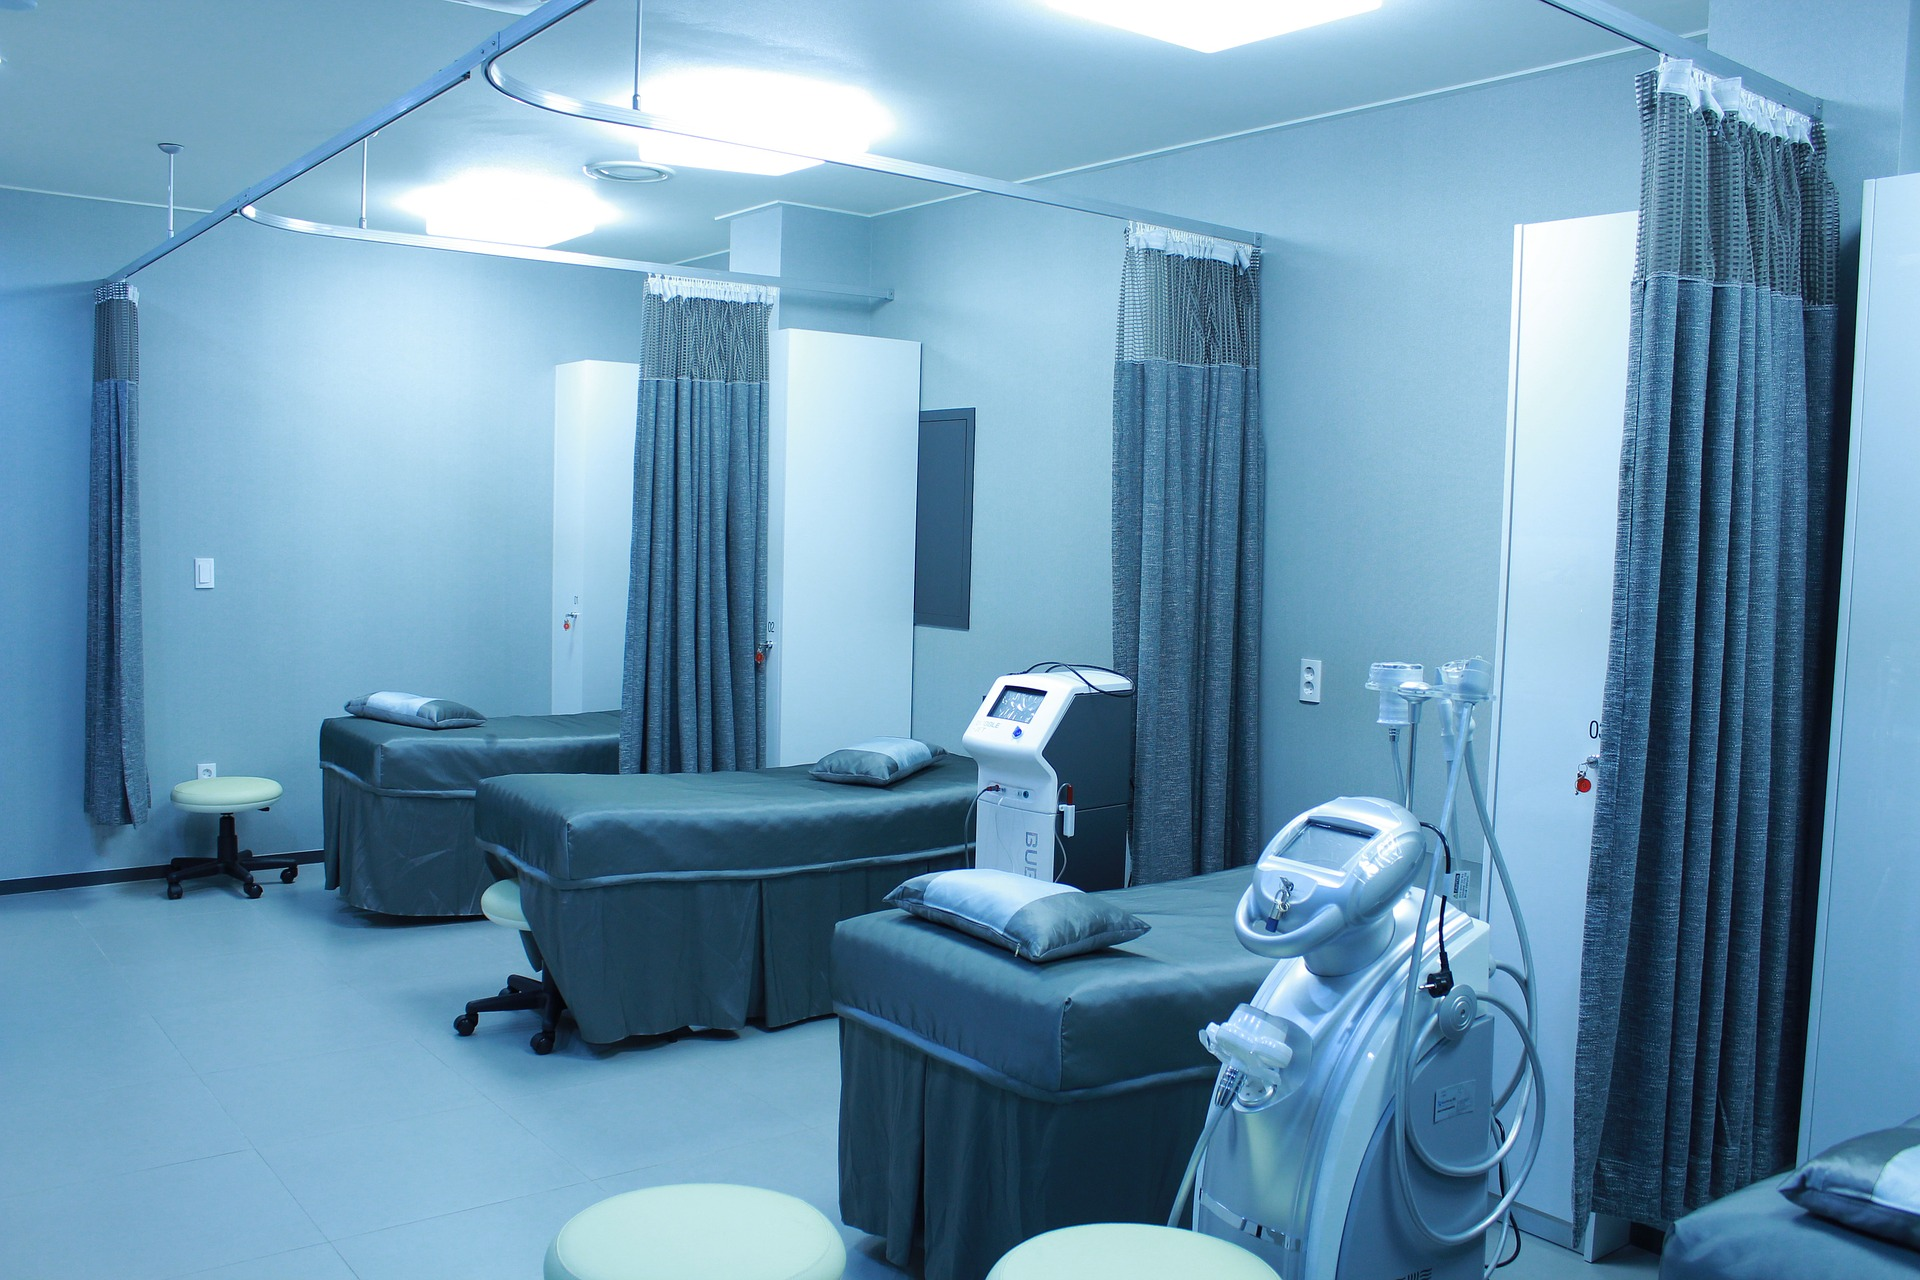 Рейтинг лучшей медицинской мебели на 2021 год